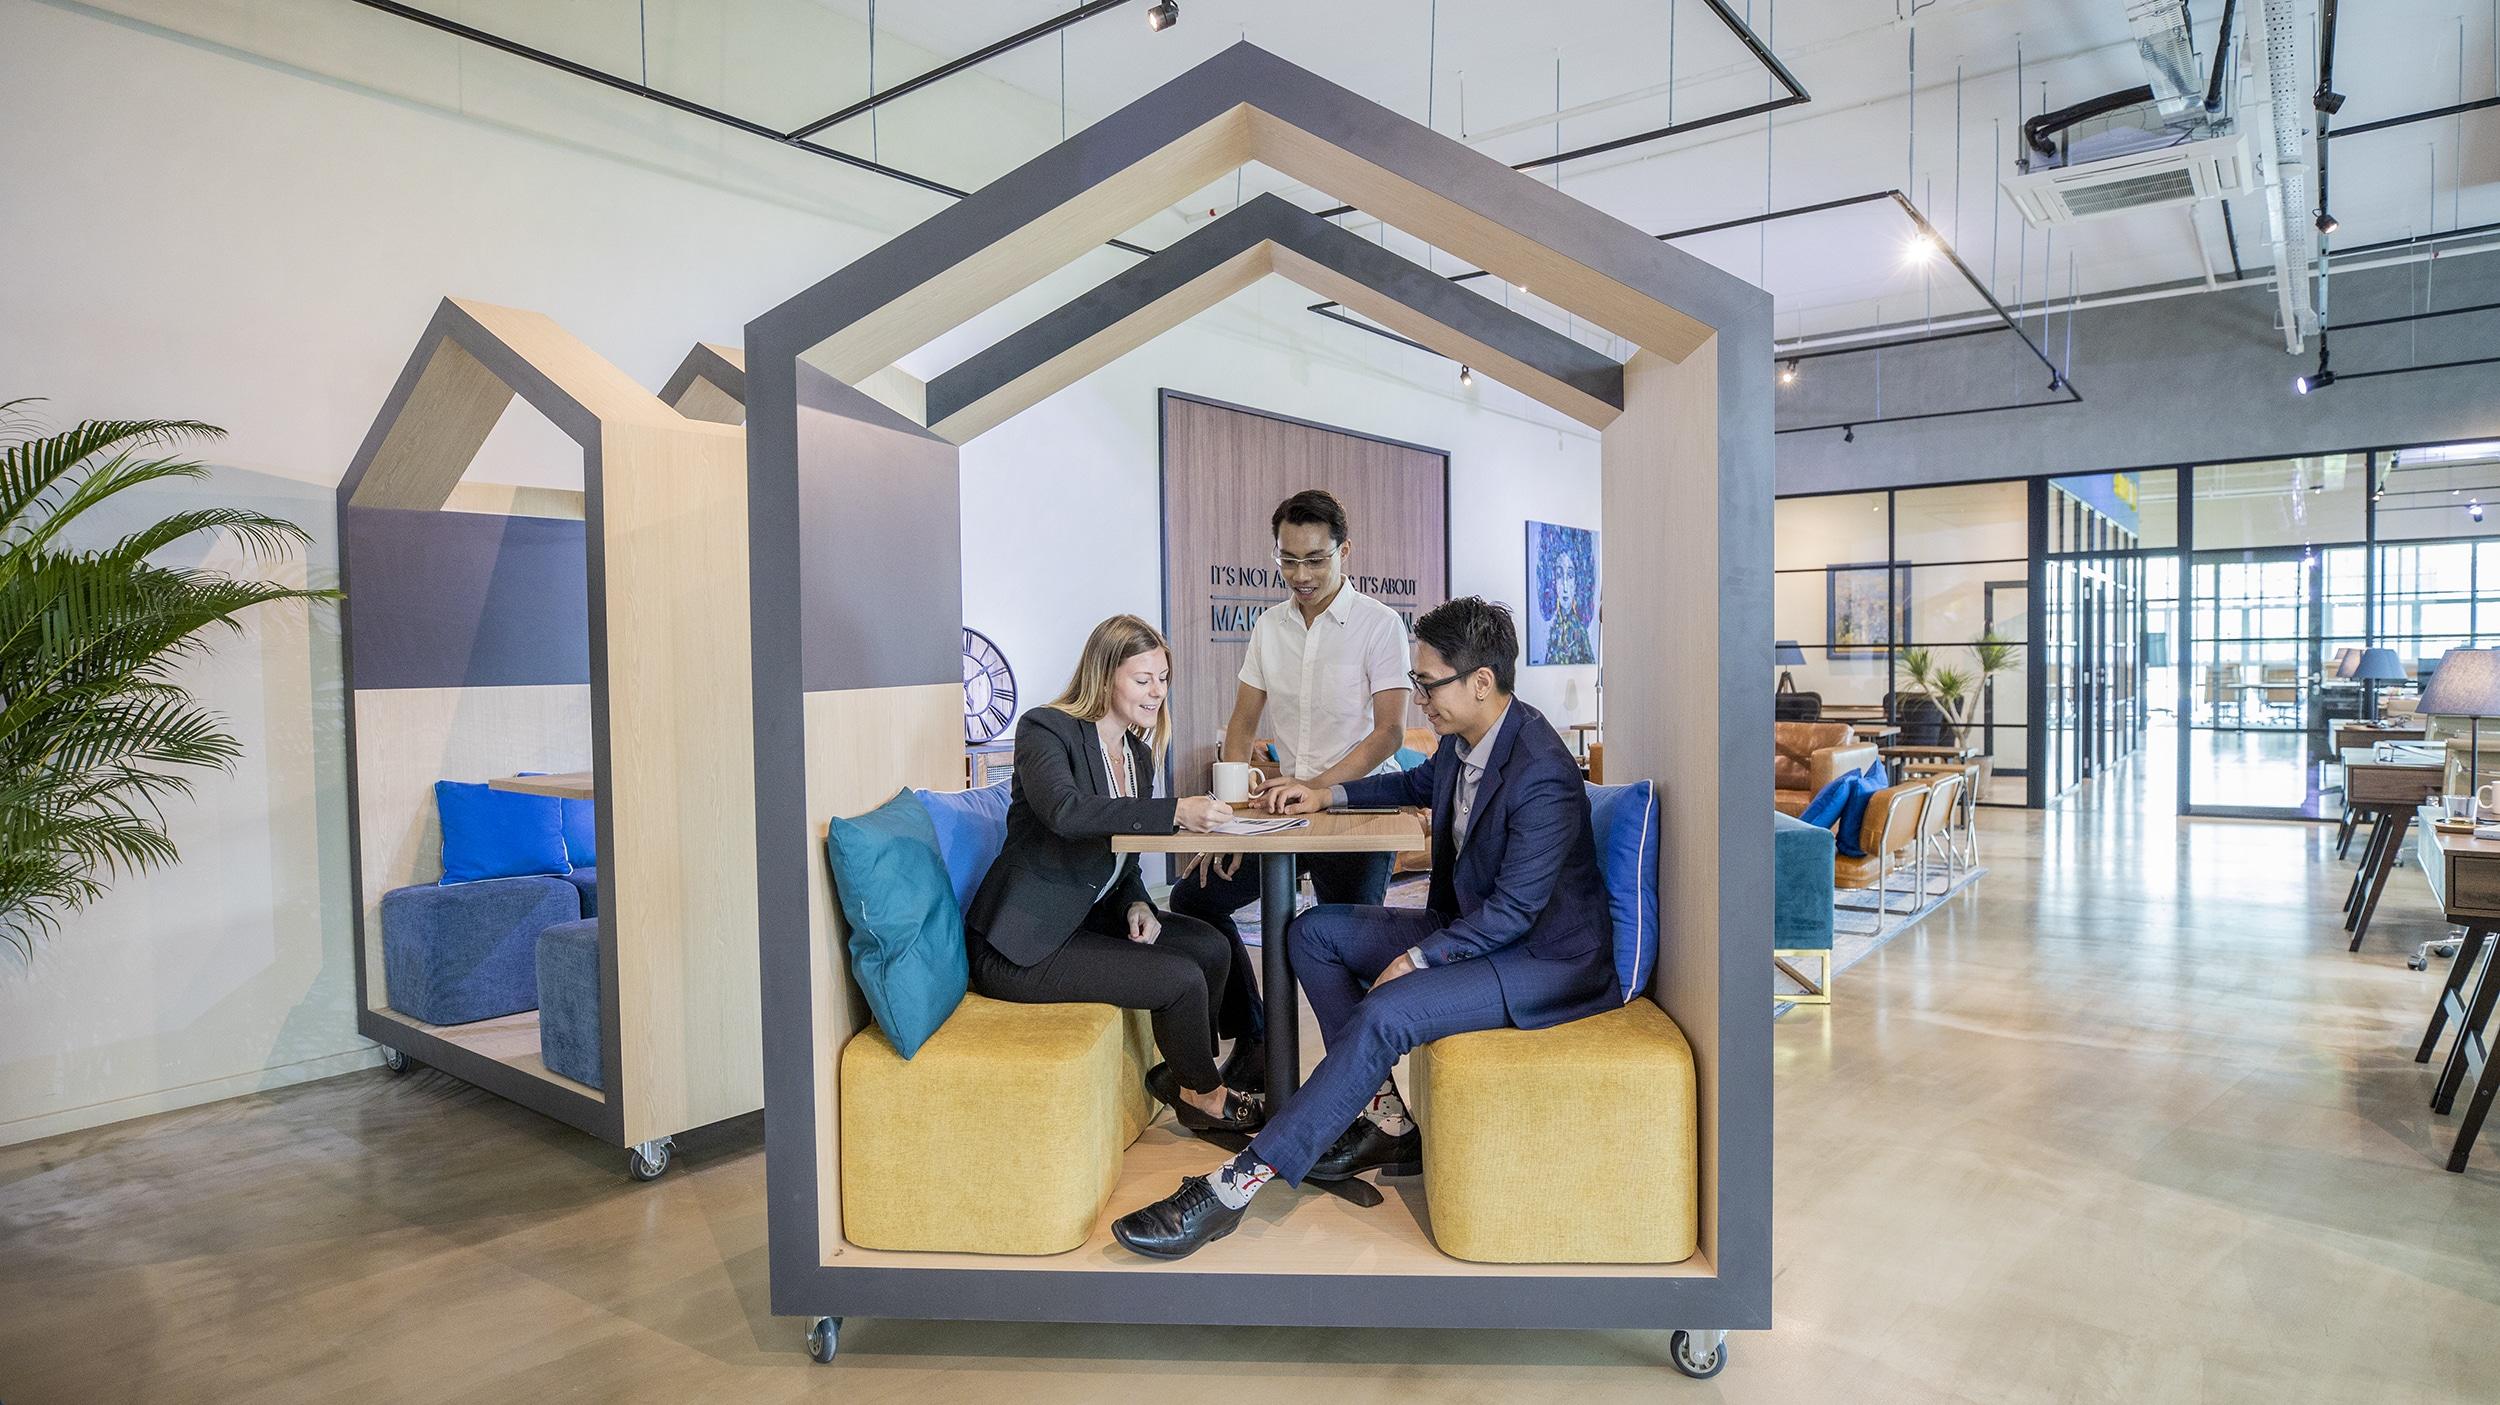 workfriendly hot desks by storefriendly